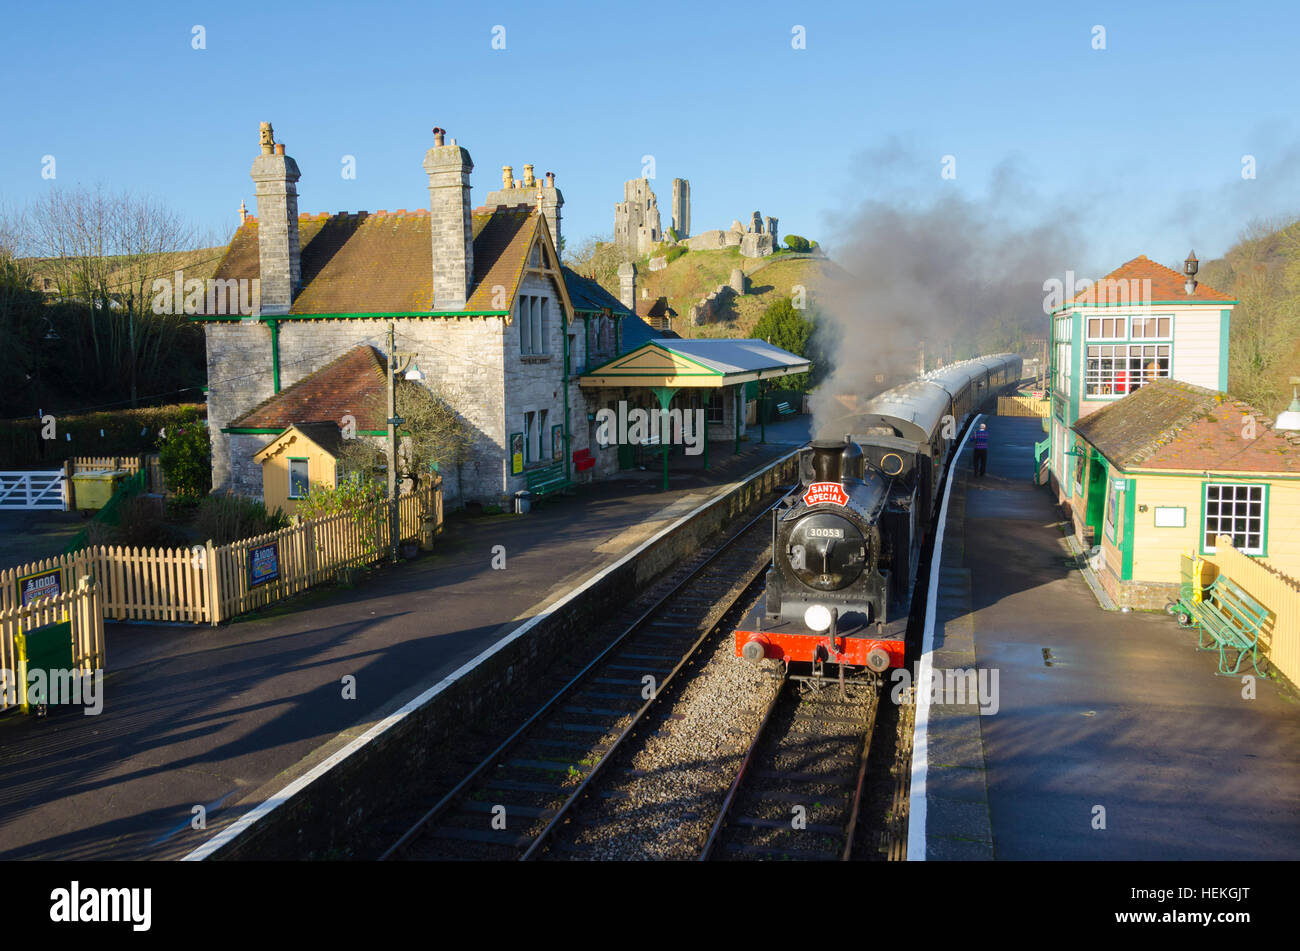 El castillo Corfe, en Dorset, Reino Unido. El 22 de diciembre de 2016. El Swanage Railway Santa especial pasando Foto de stock